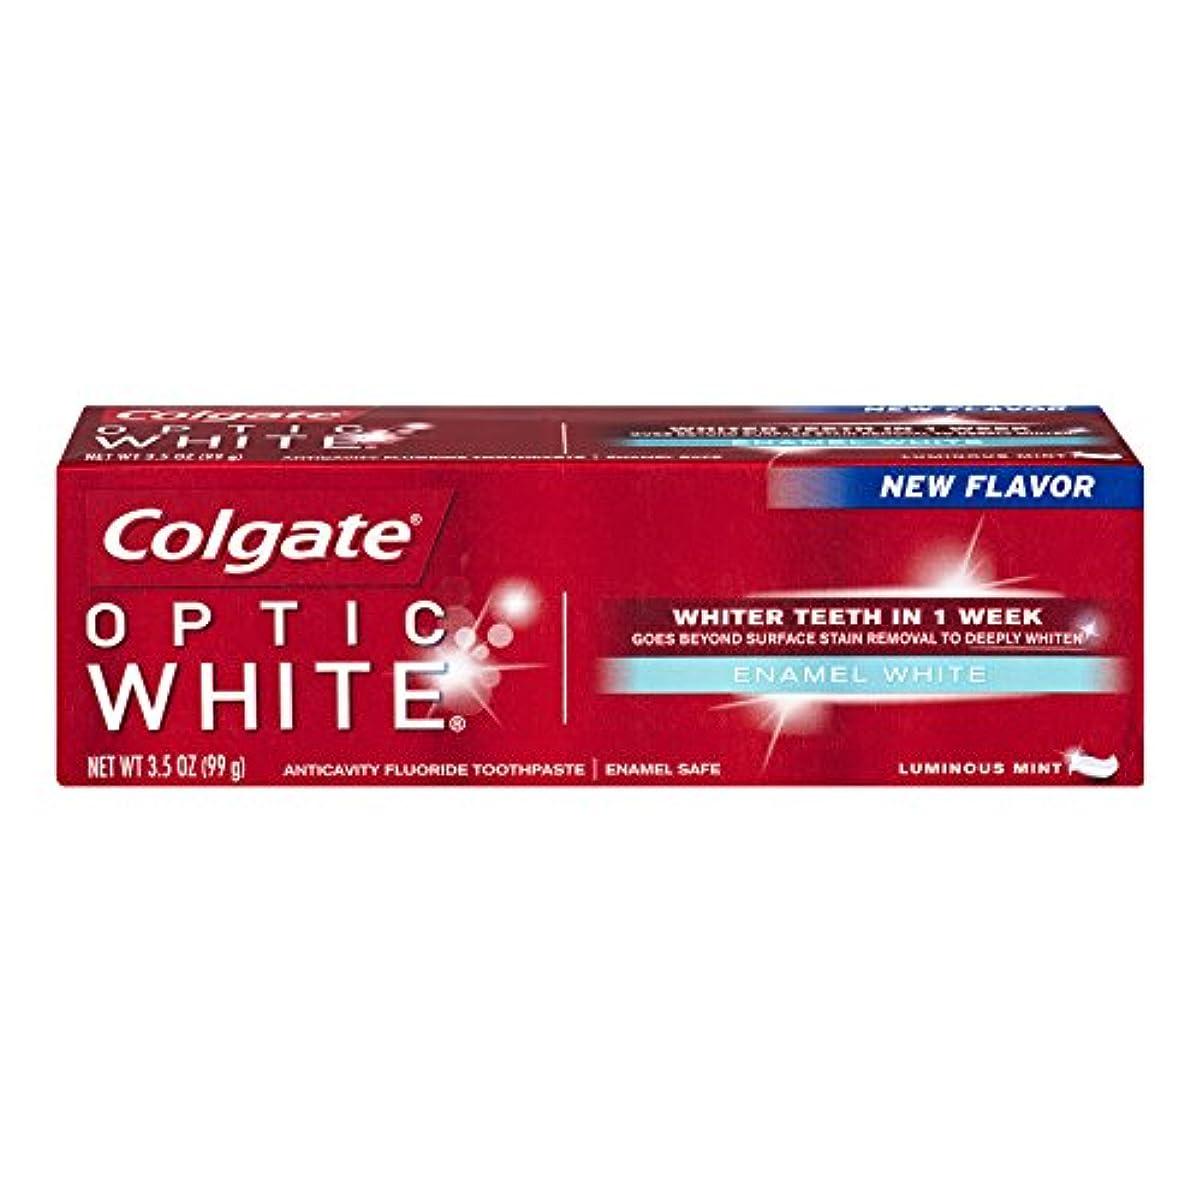 明るくするビン厳しいコルゲート ホワイトニング Colgate 99g Optic White Enamel White 白い歯 歯磨き粉 ミント